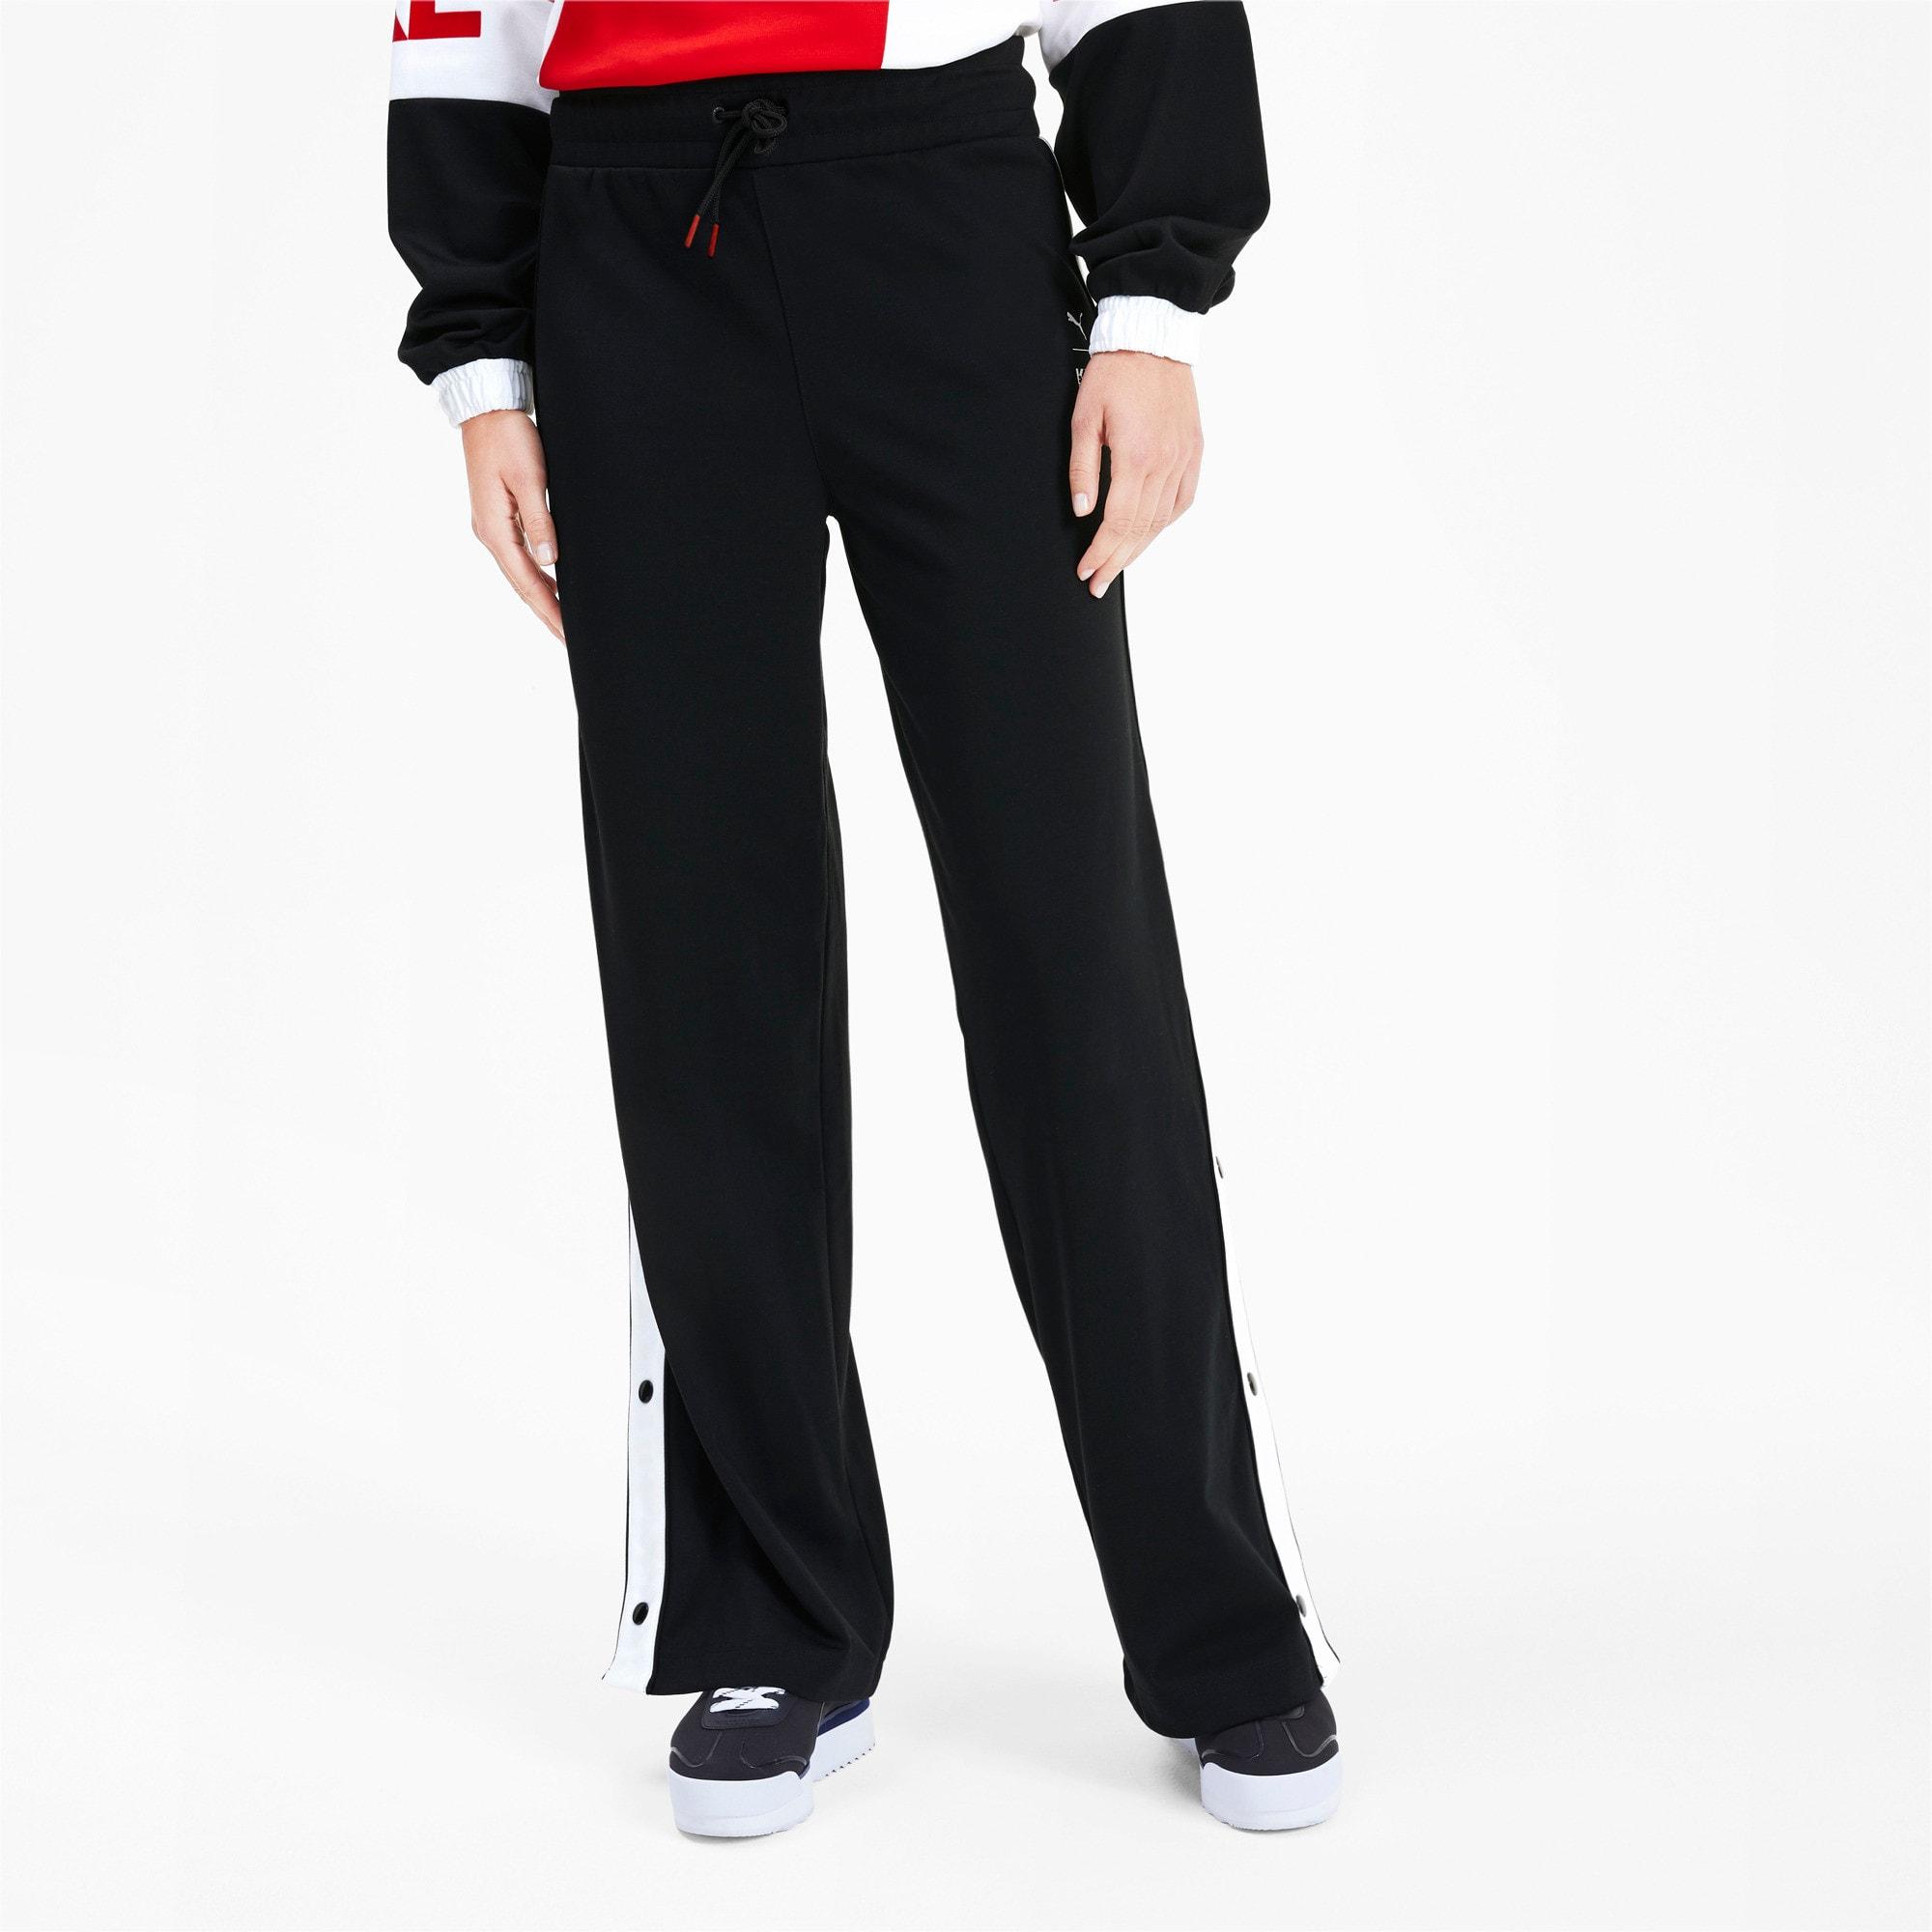 Anteprima 1 di PUMA x KARL LAGERFELD Knitted Women's Wide Pants, Puma Black, medio